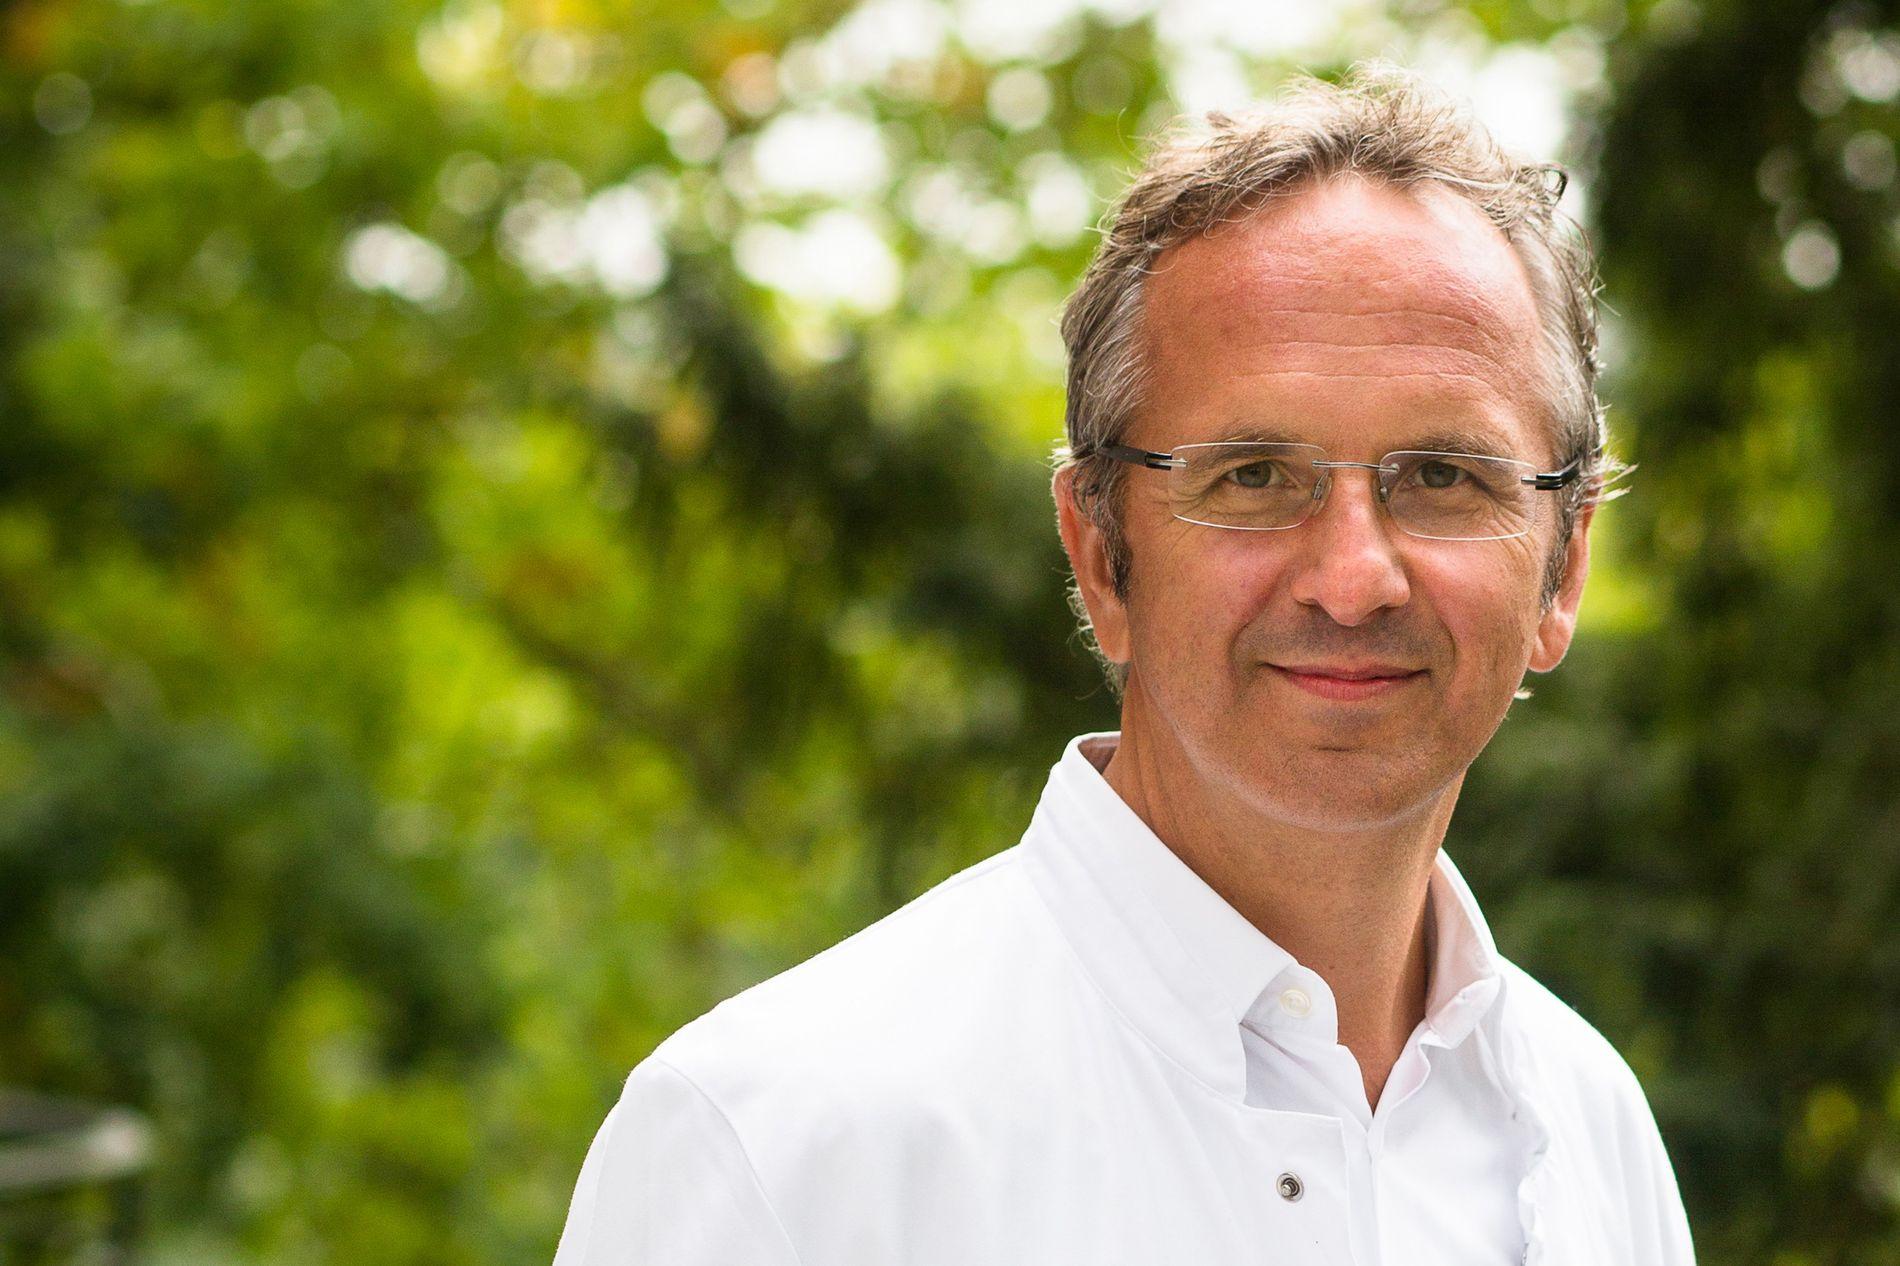 """Prof. Dr. med. Andreas Michalsen ist Chefarzt der Abteilung Naturheilkunde im Immanuel Krankenhaus Berlin und Inhaber der Stiftungsprofessur für klinische Naturheilkunde an der Charité. Er ist Autor des Buchs """"Heilen mit der Kraft der Natur""""."""